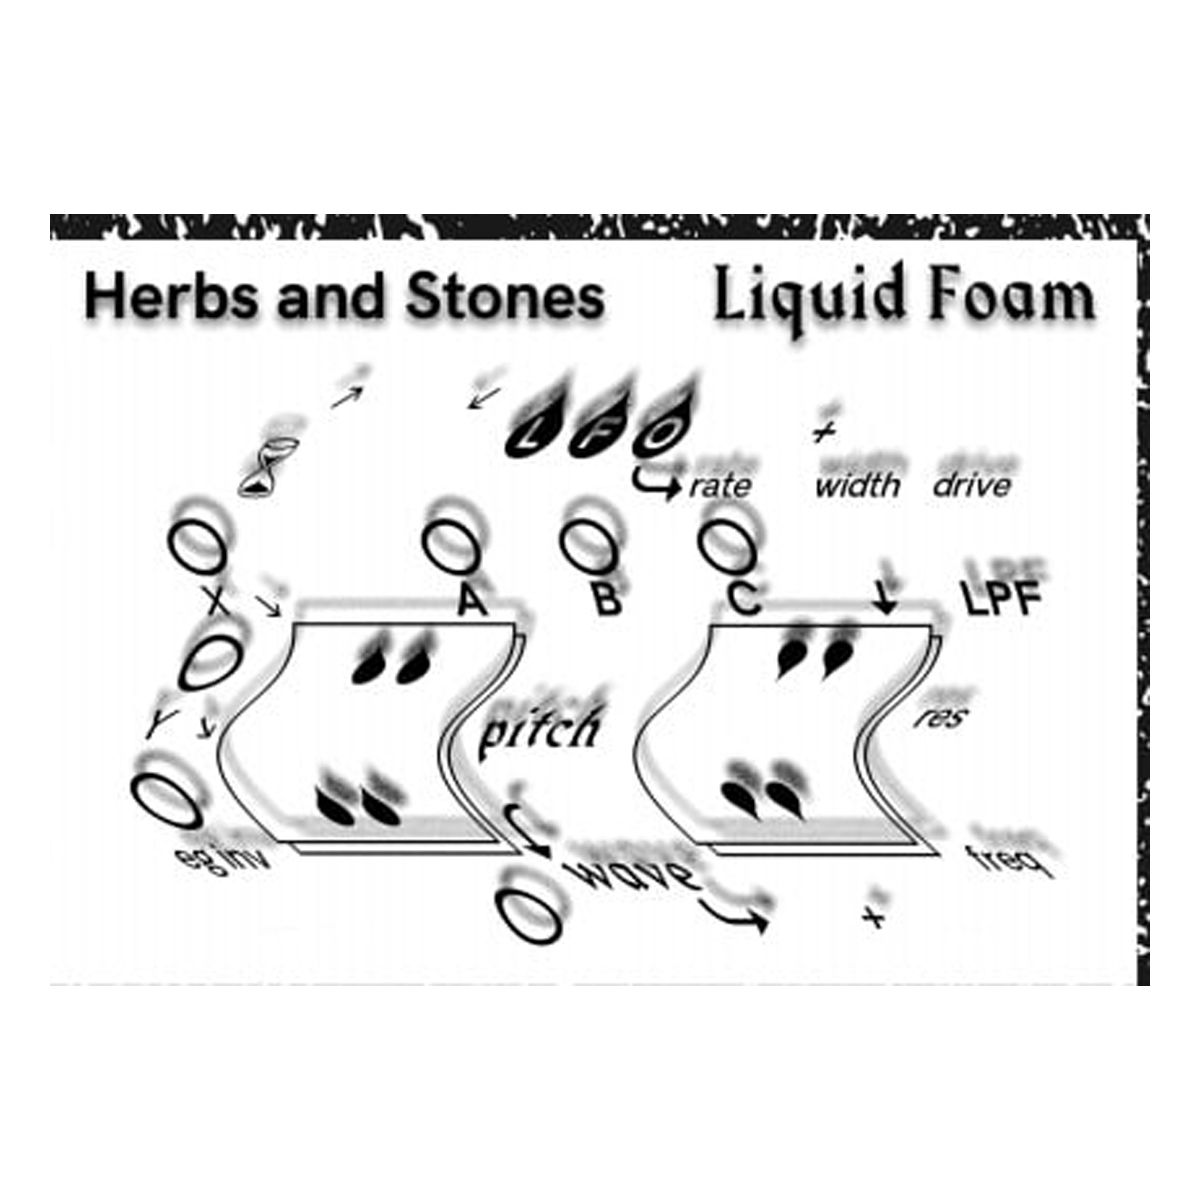 Herbs & Stones Liquid Foam Eurorack Synth & Sequencer Module